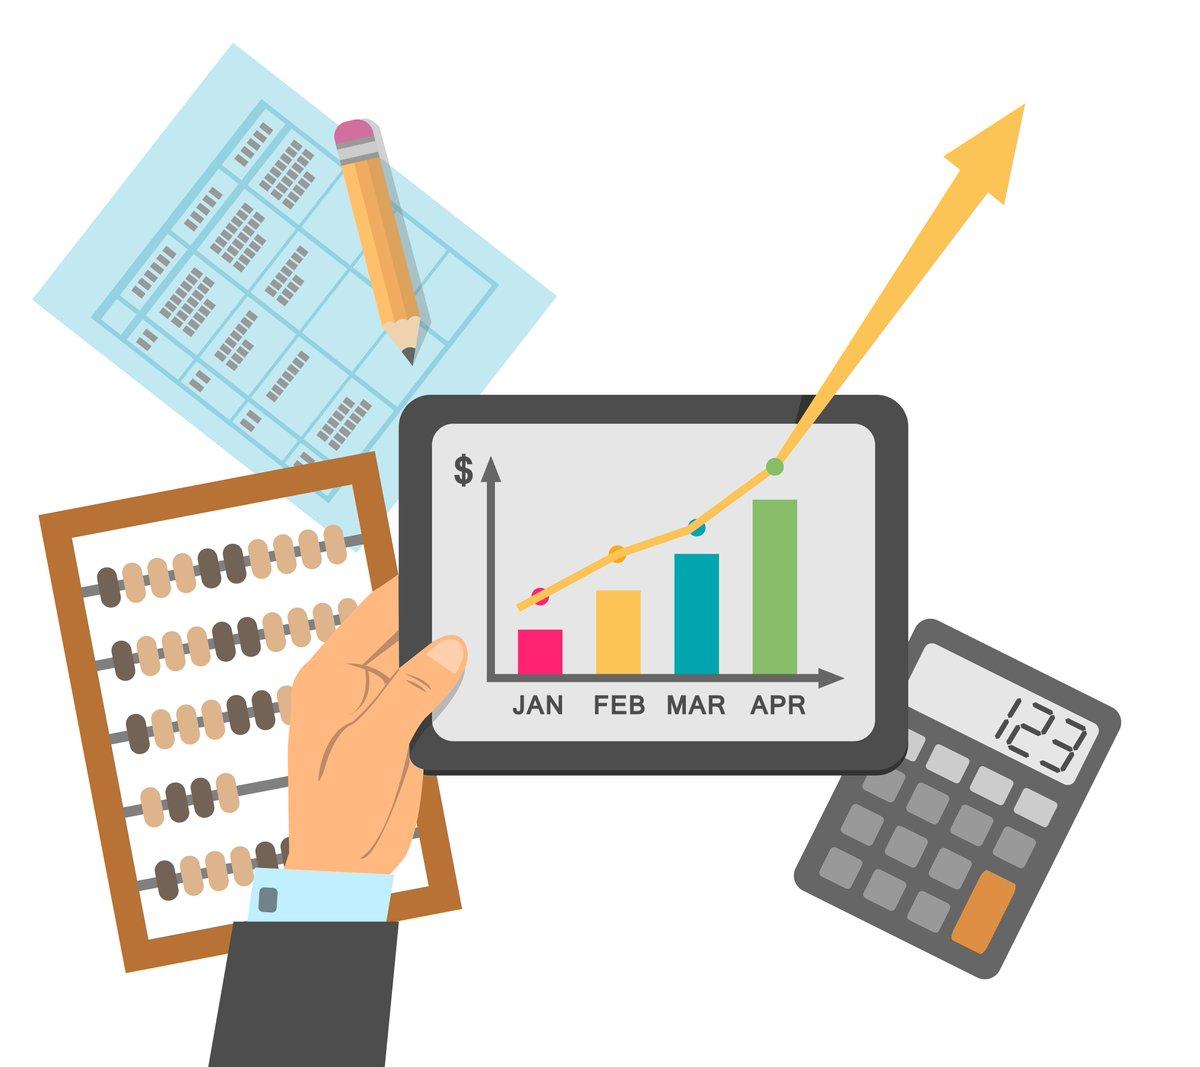 Báo cáo kinh doanh bằng phần mèm bán hàng